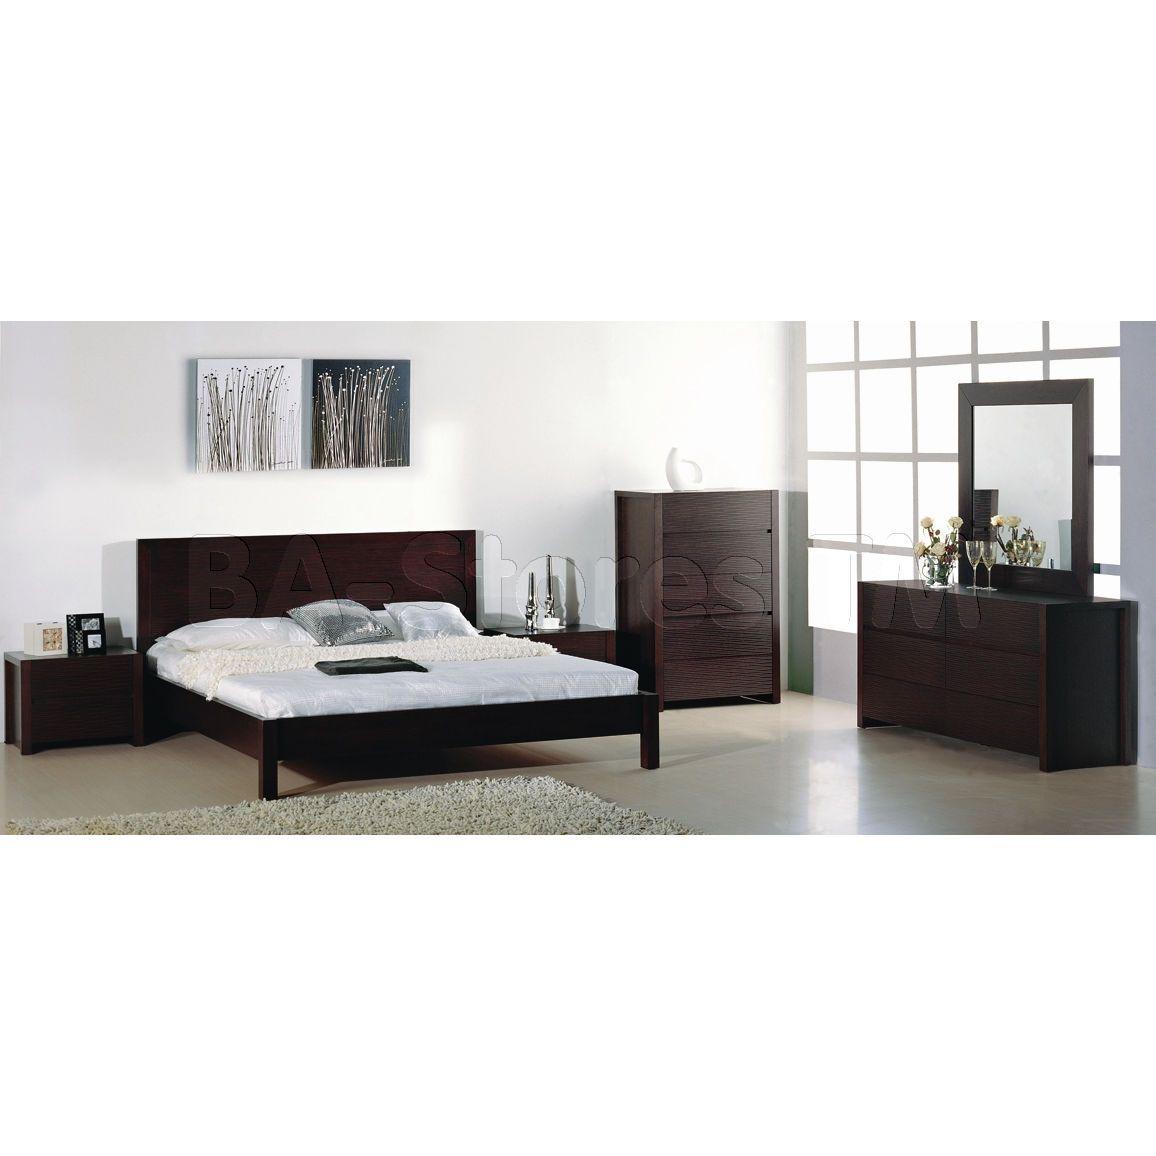 Best Etch 5 Pc Platform Bedroom Set In Wenge Bed 2 400 x 300